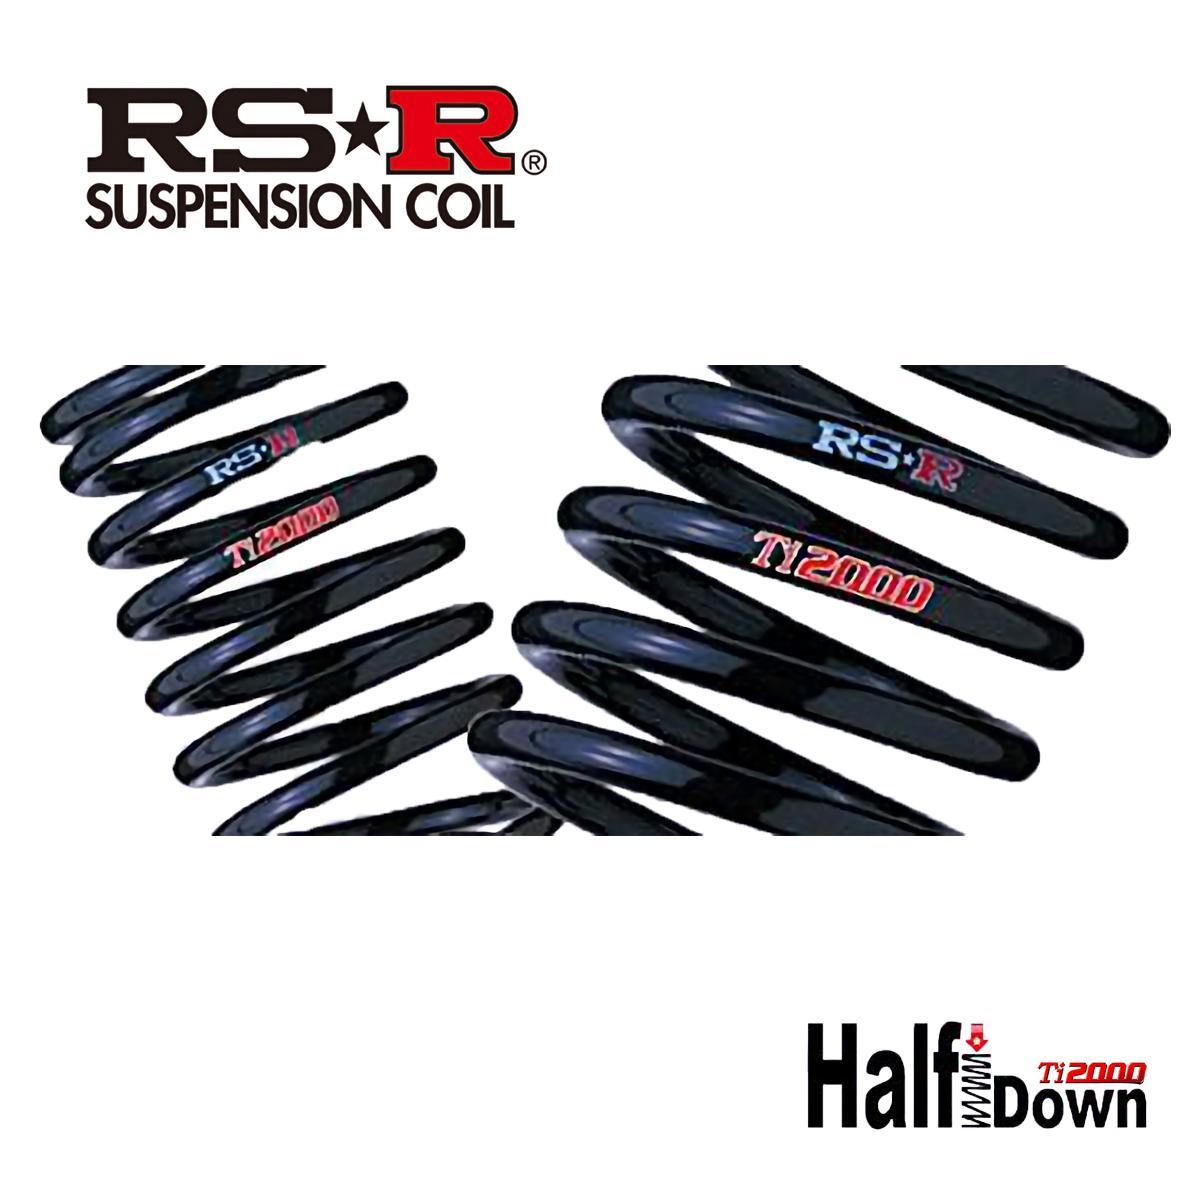 RS-R アルファード 3.5エグゼクティブラウンジS GGH35W ダウンサス スプリング リア T945THDR Ti2000 ハーフダウン RSR